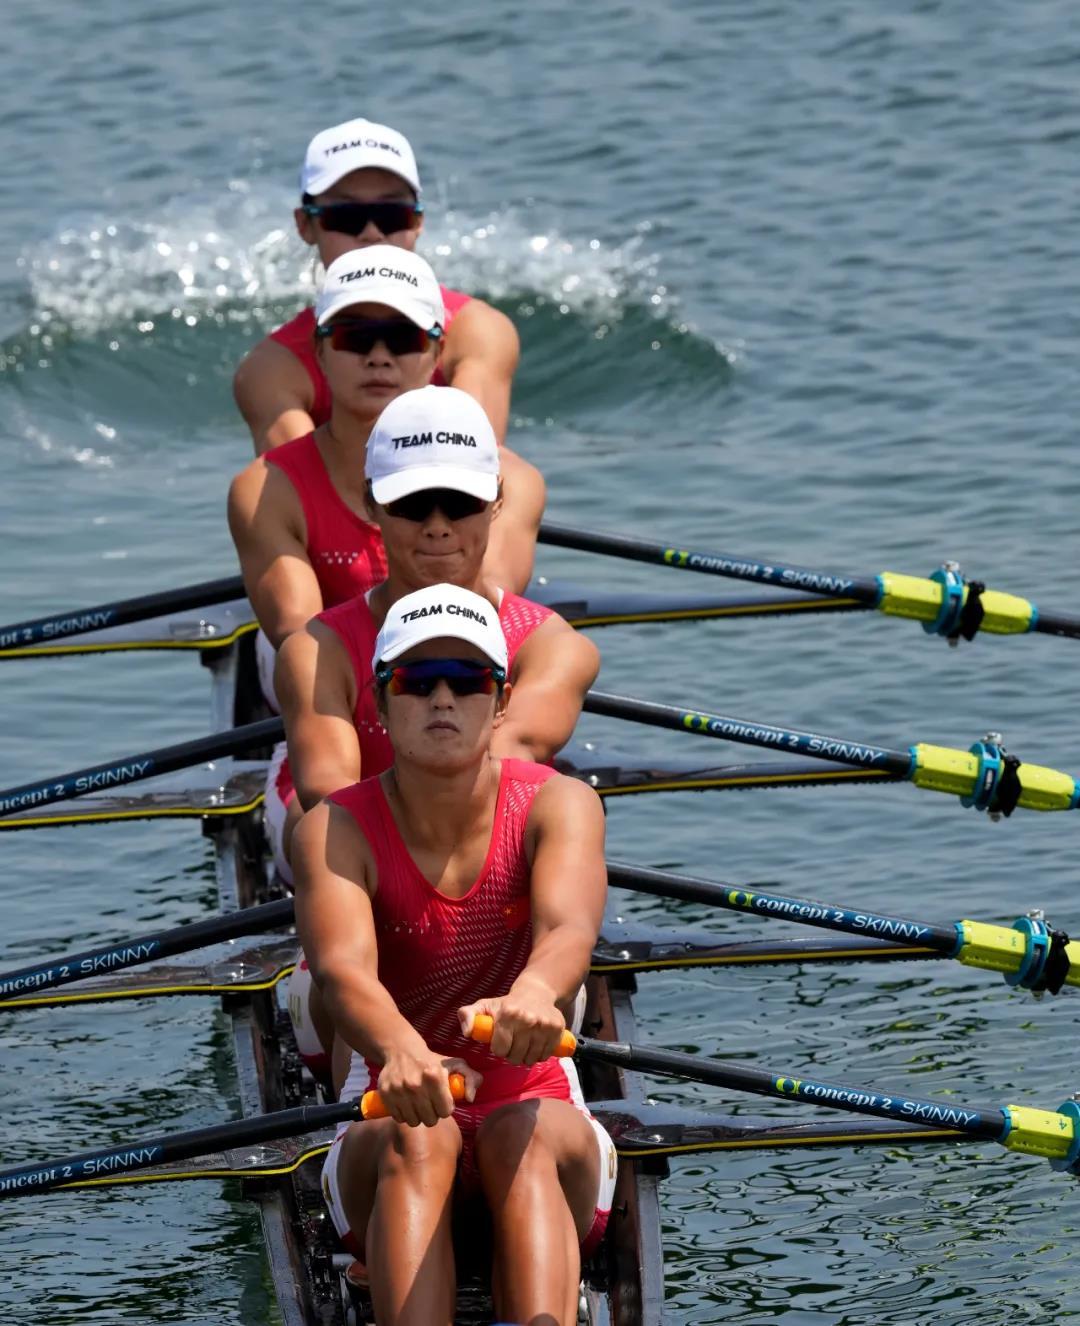 中国女子四人双桨组合参加东京奥运会赛艇比赛。图源新华社